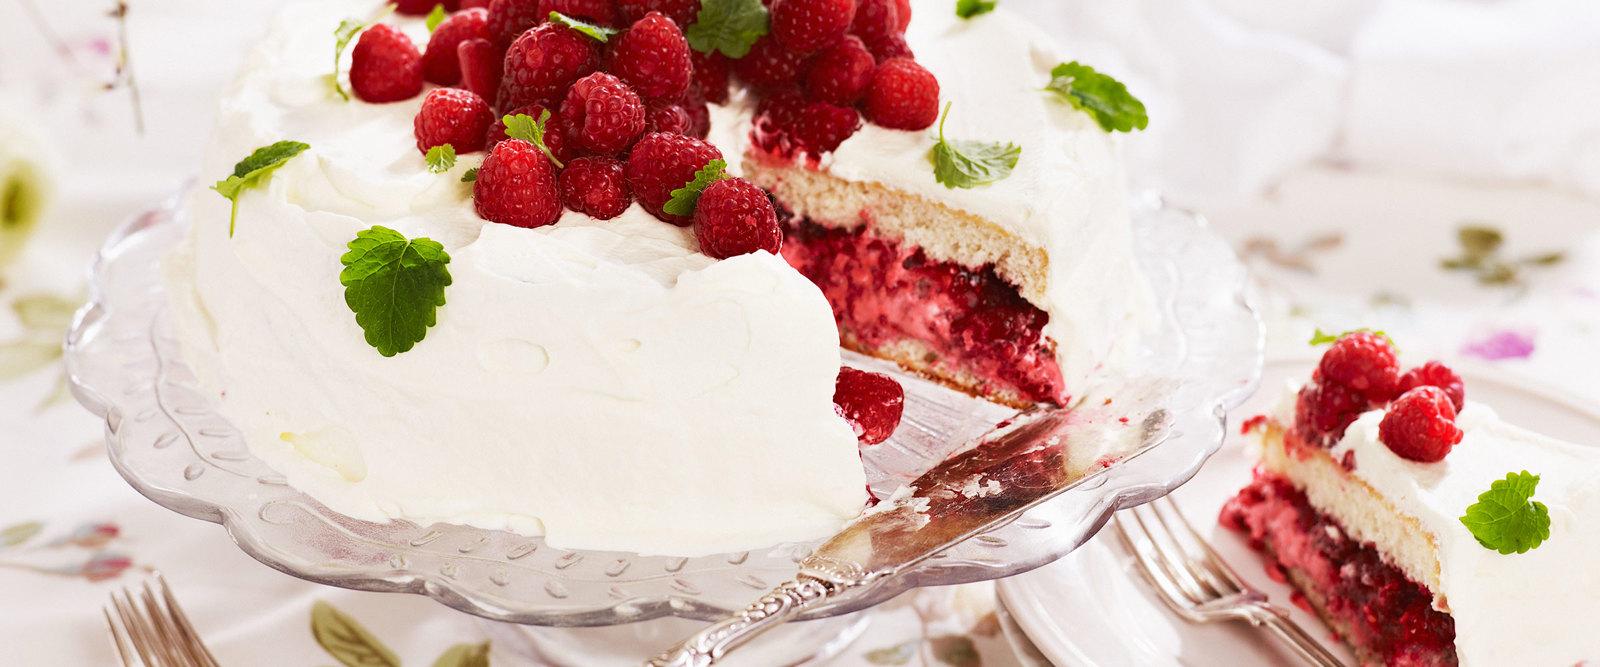 Bröllopstårta - Baka bästa tårtan